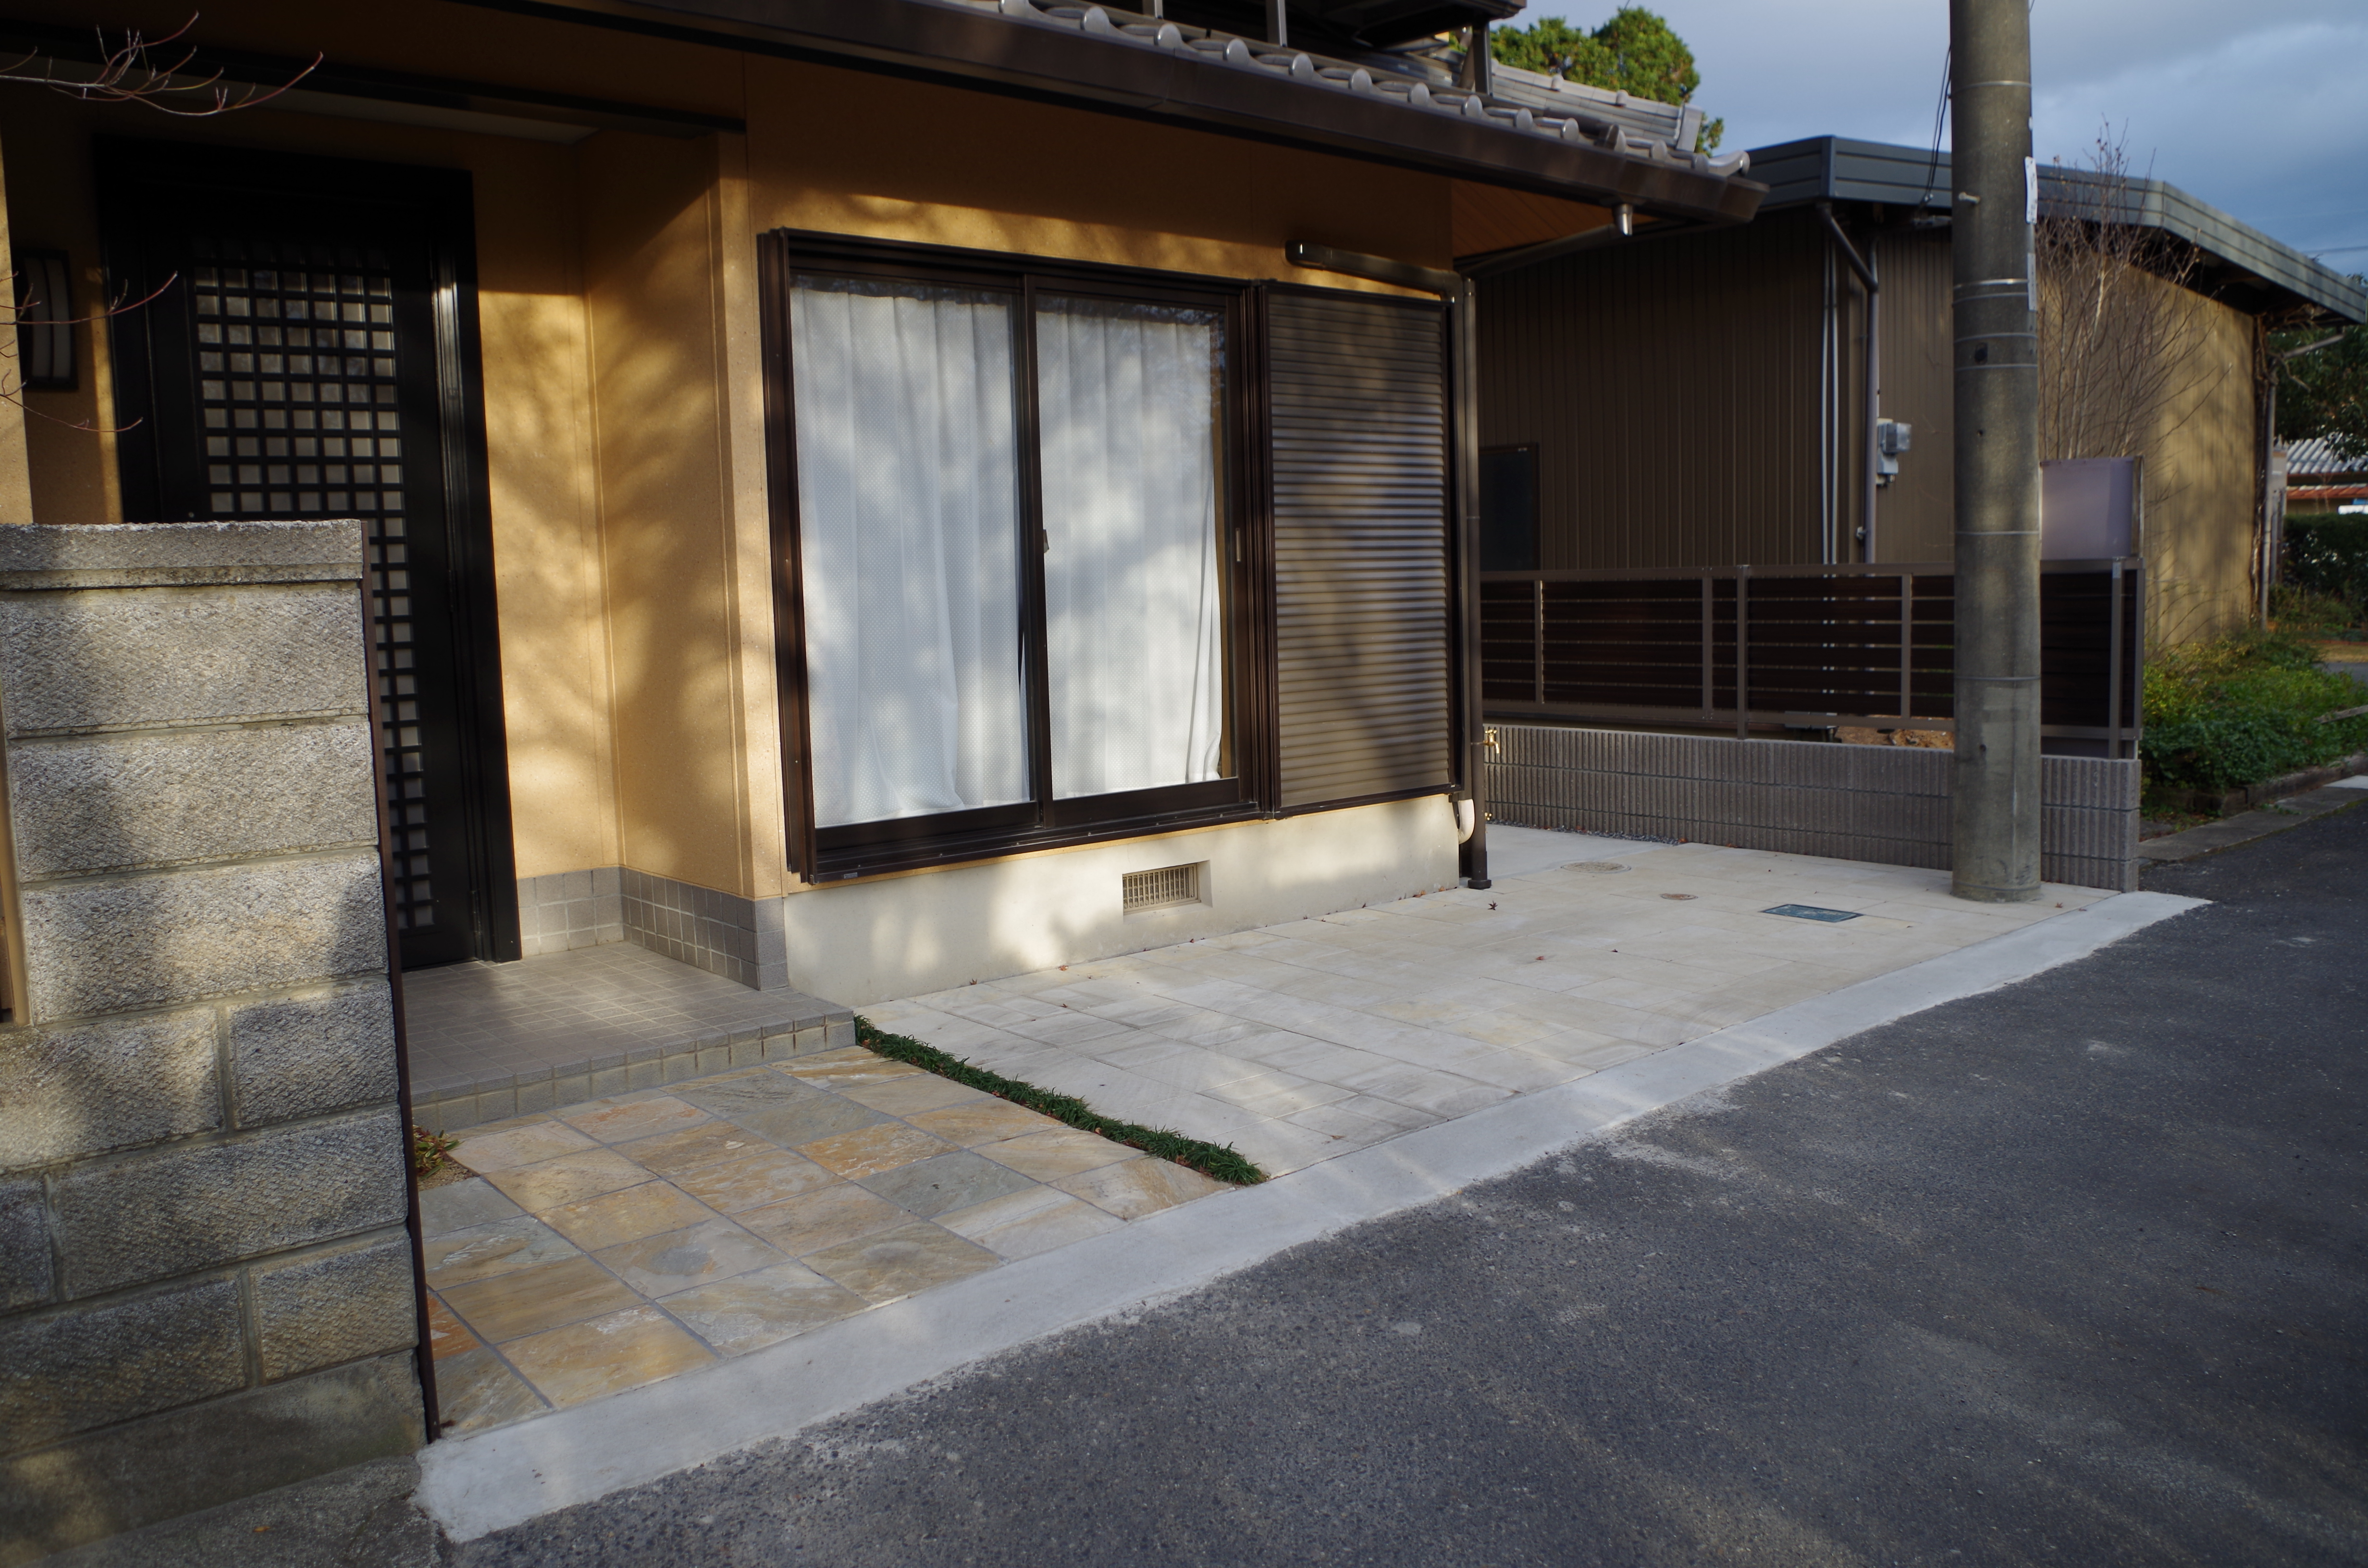 東近江市の造園・外構工事・留守宅管理なら花久造園へ シンプルですっきりとした外構に